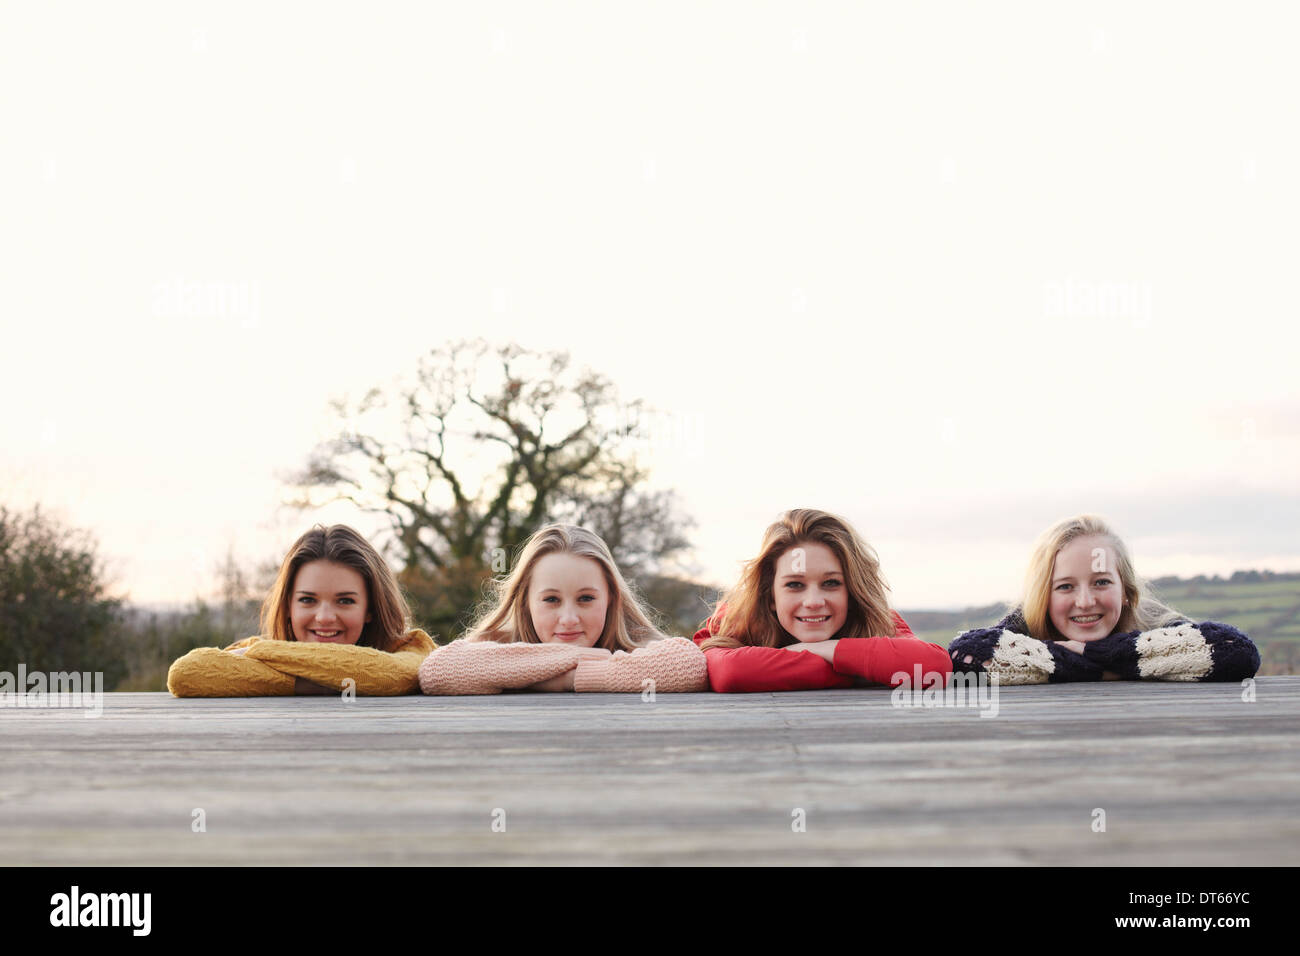 Vier Mädchen im Teenageralter in einer Reihe auf Terrasse Stockfoto